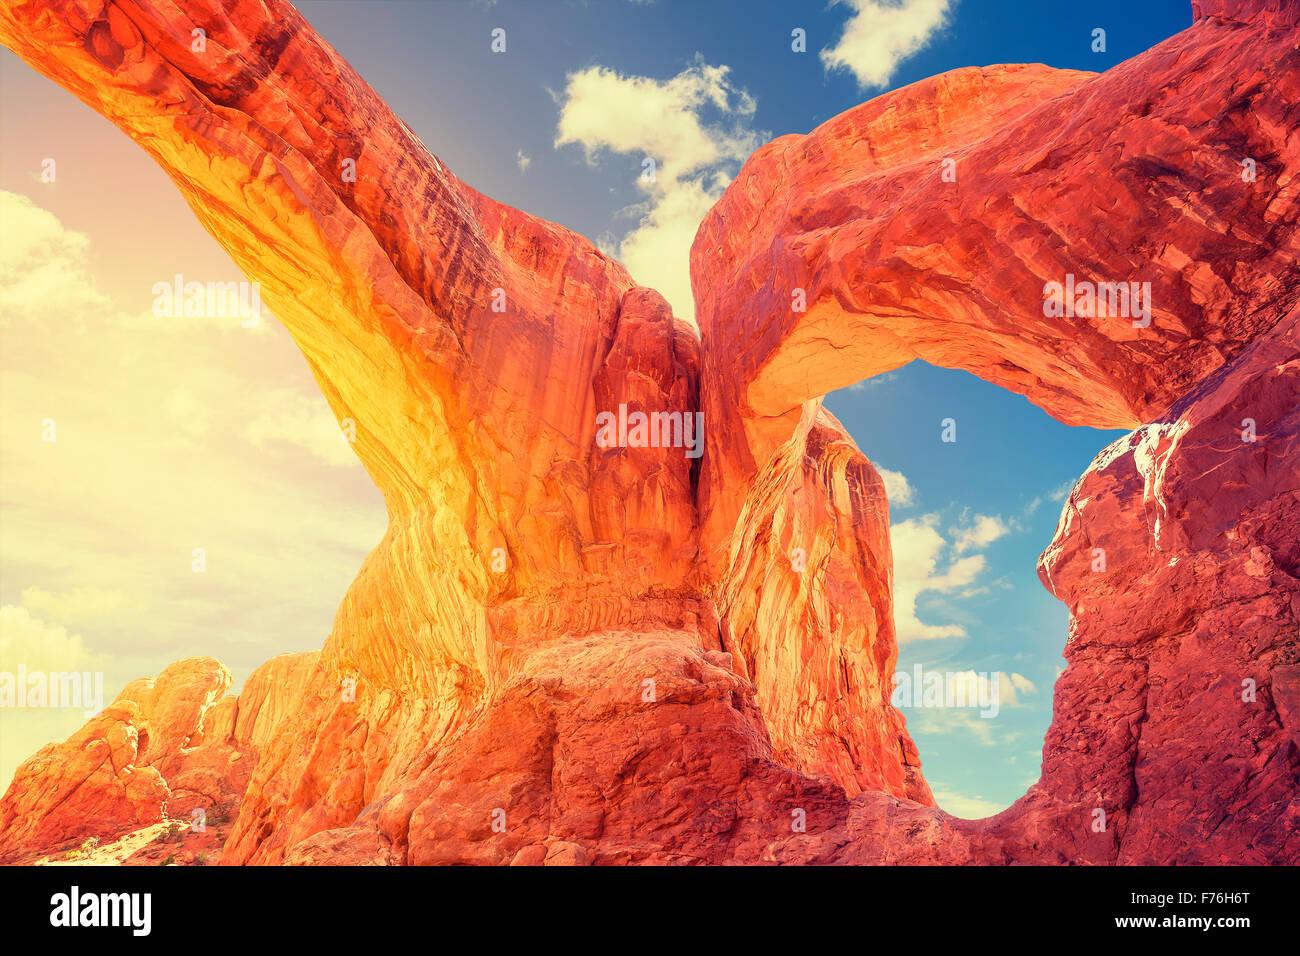 Atardecer en el arco doble en el Parque Nacional de Arches, EE.UU.. Imagen De Stock